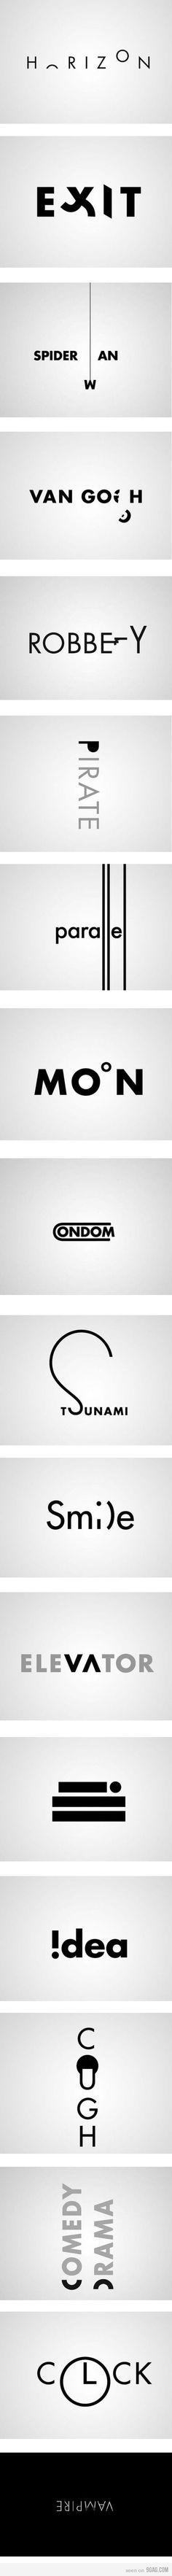 #logo #logodesign #conceptdesign #inspiration